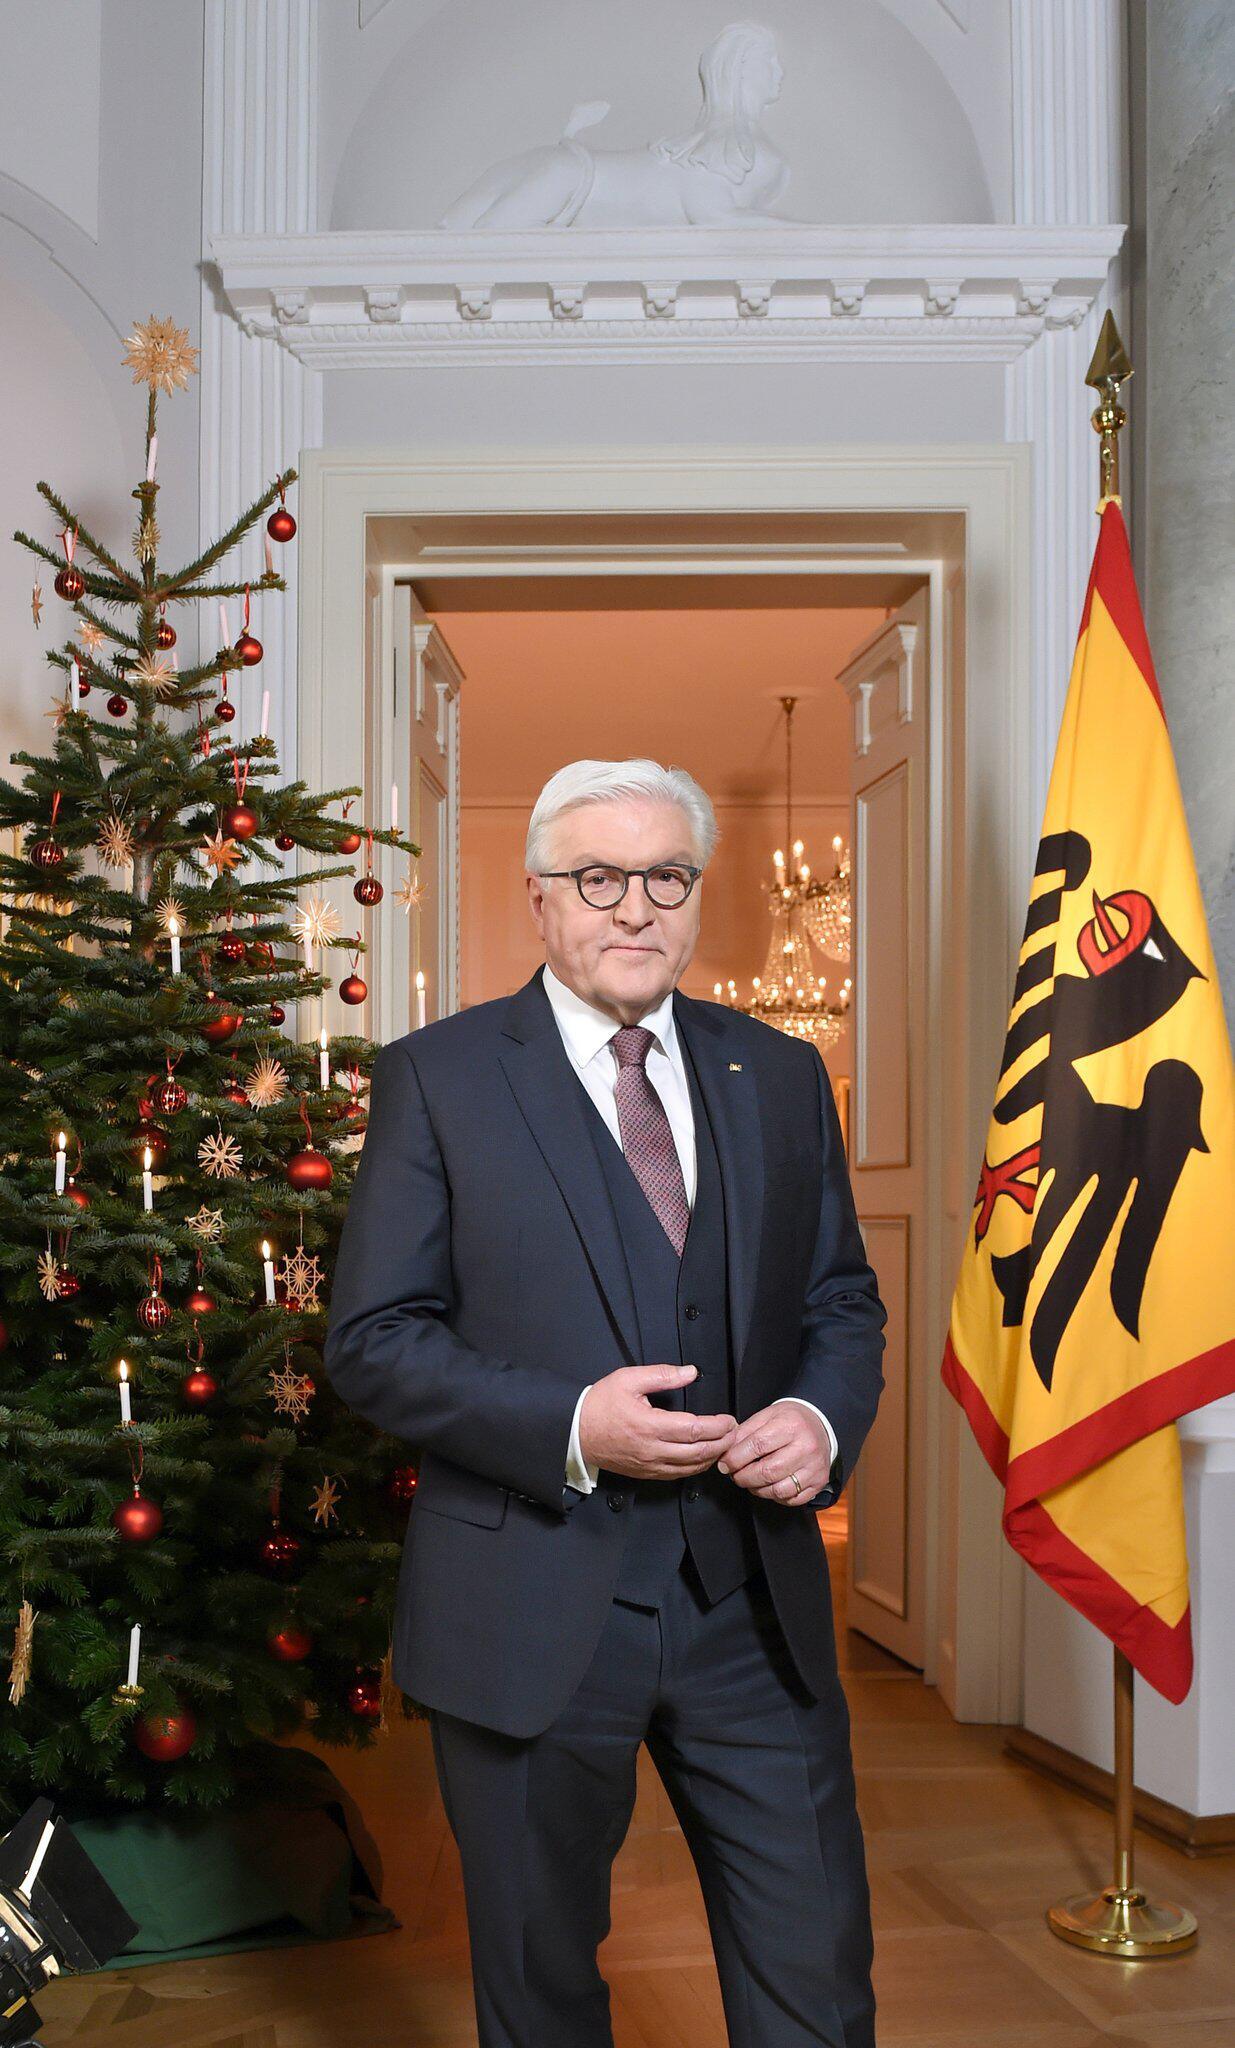 Bild zu Weihnachtsansprache des Bundespräsidenten